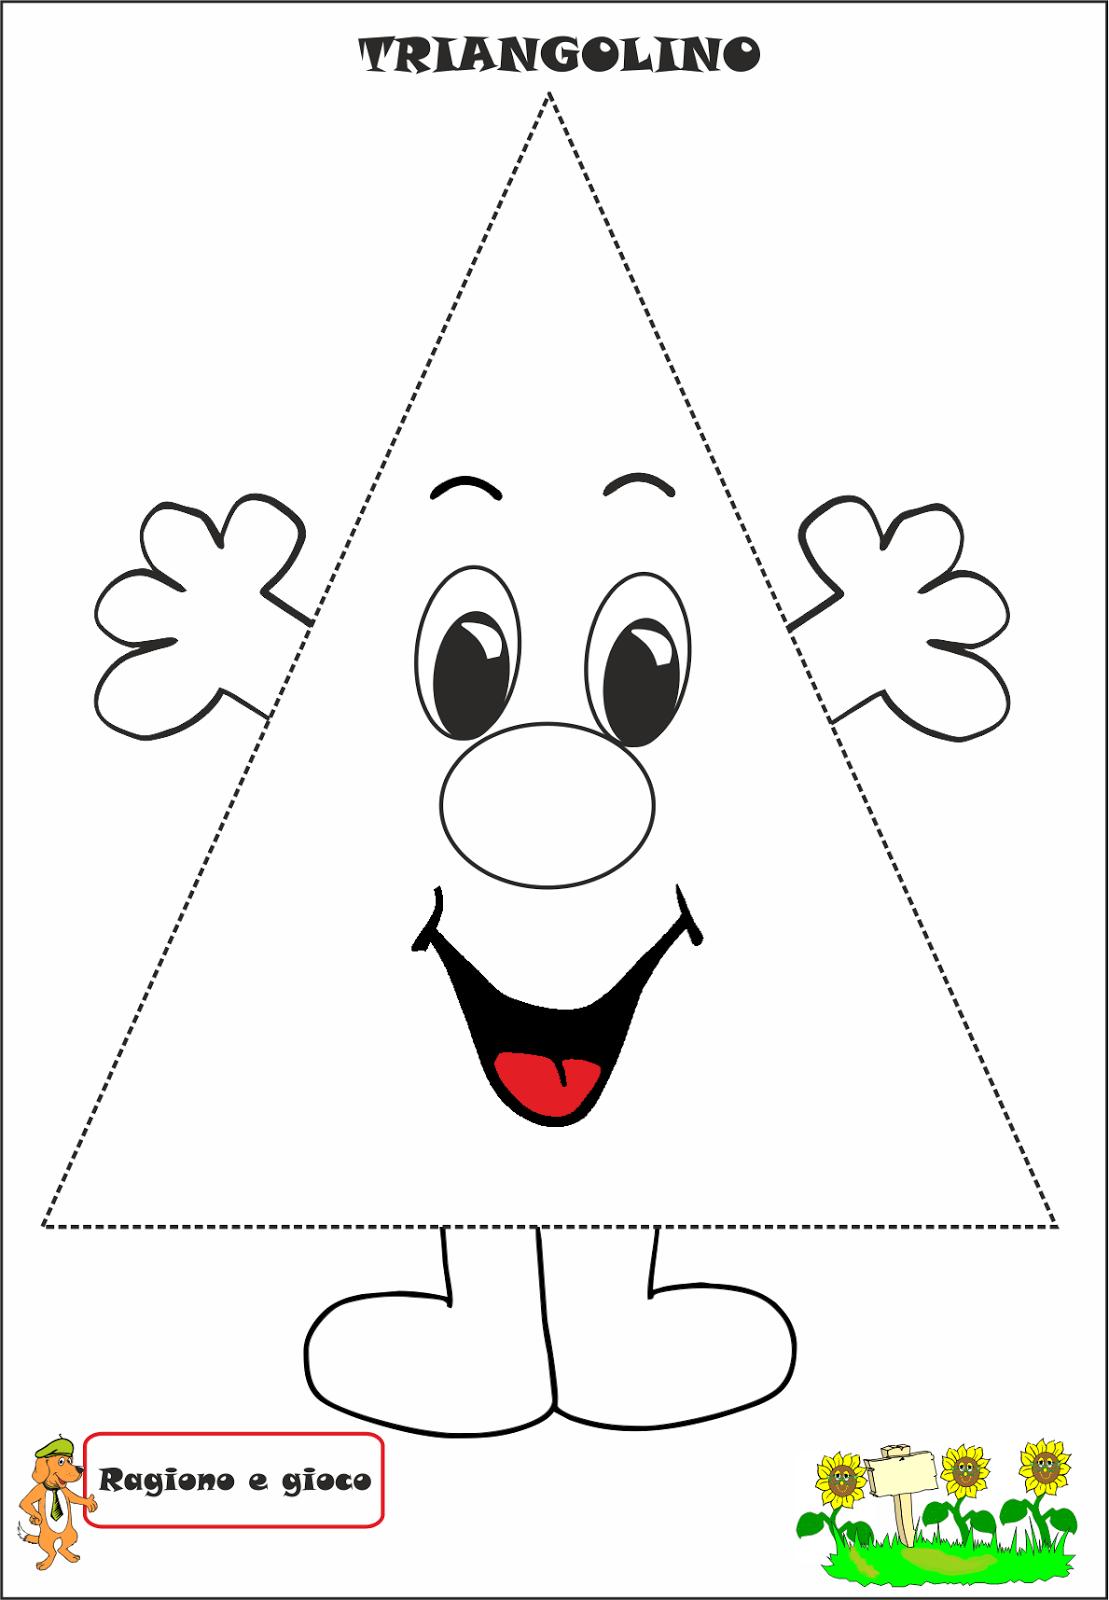 Triangolino | Geometrie, Vorschule und Geometrische figuren